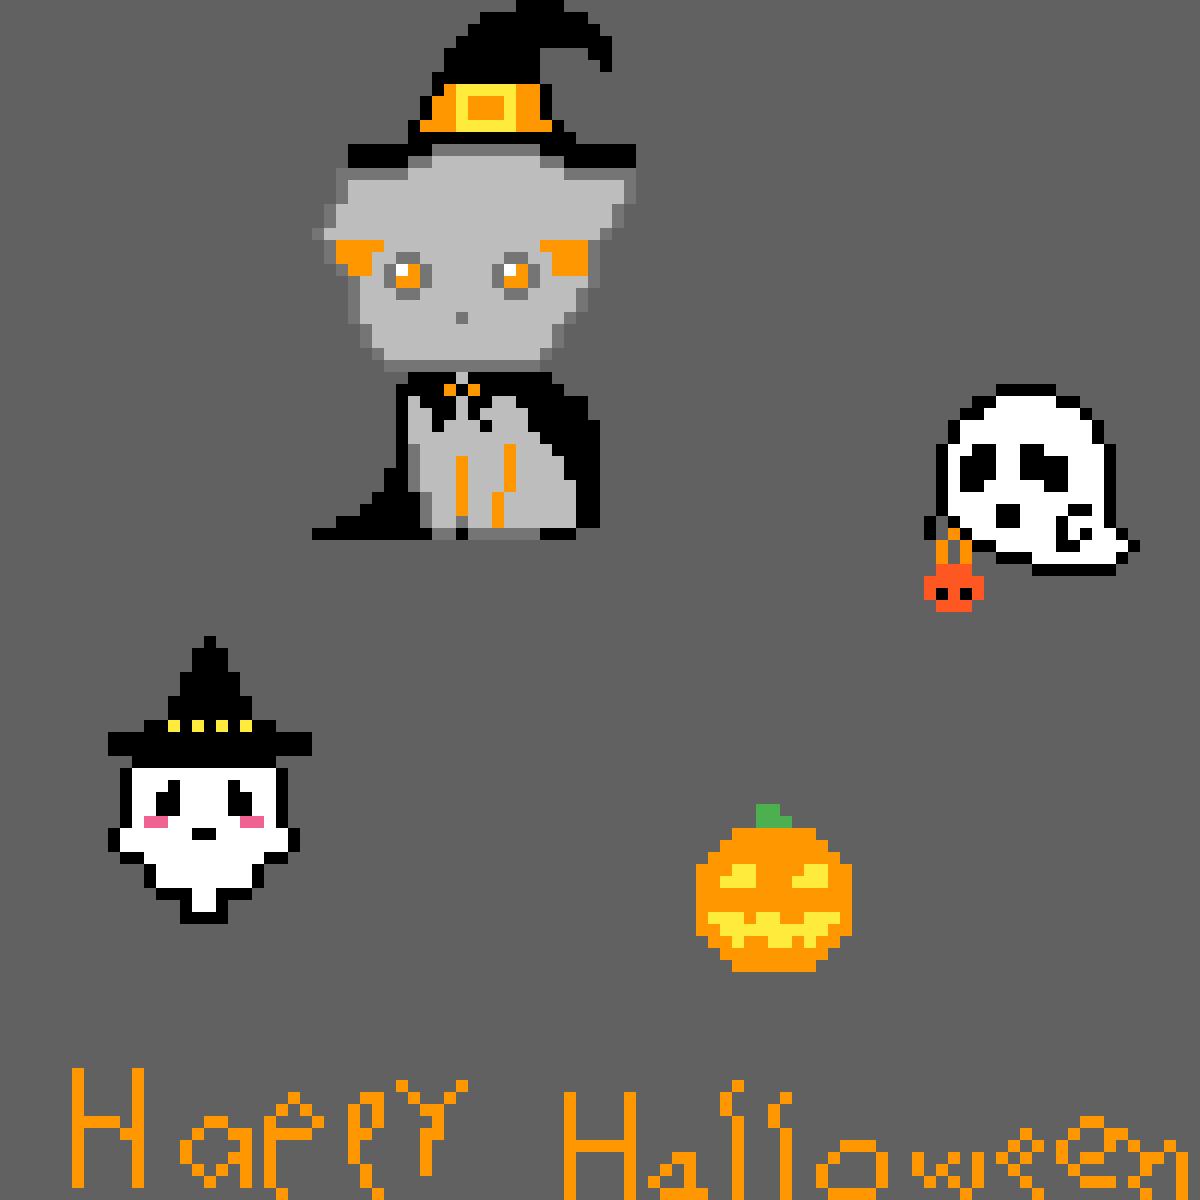 Halloween pixel art by alo1511